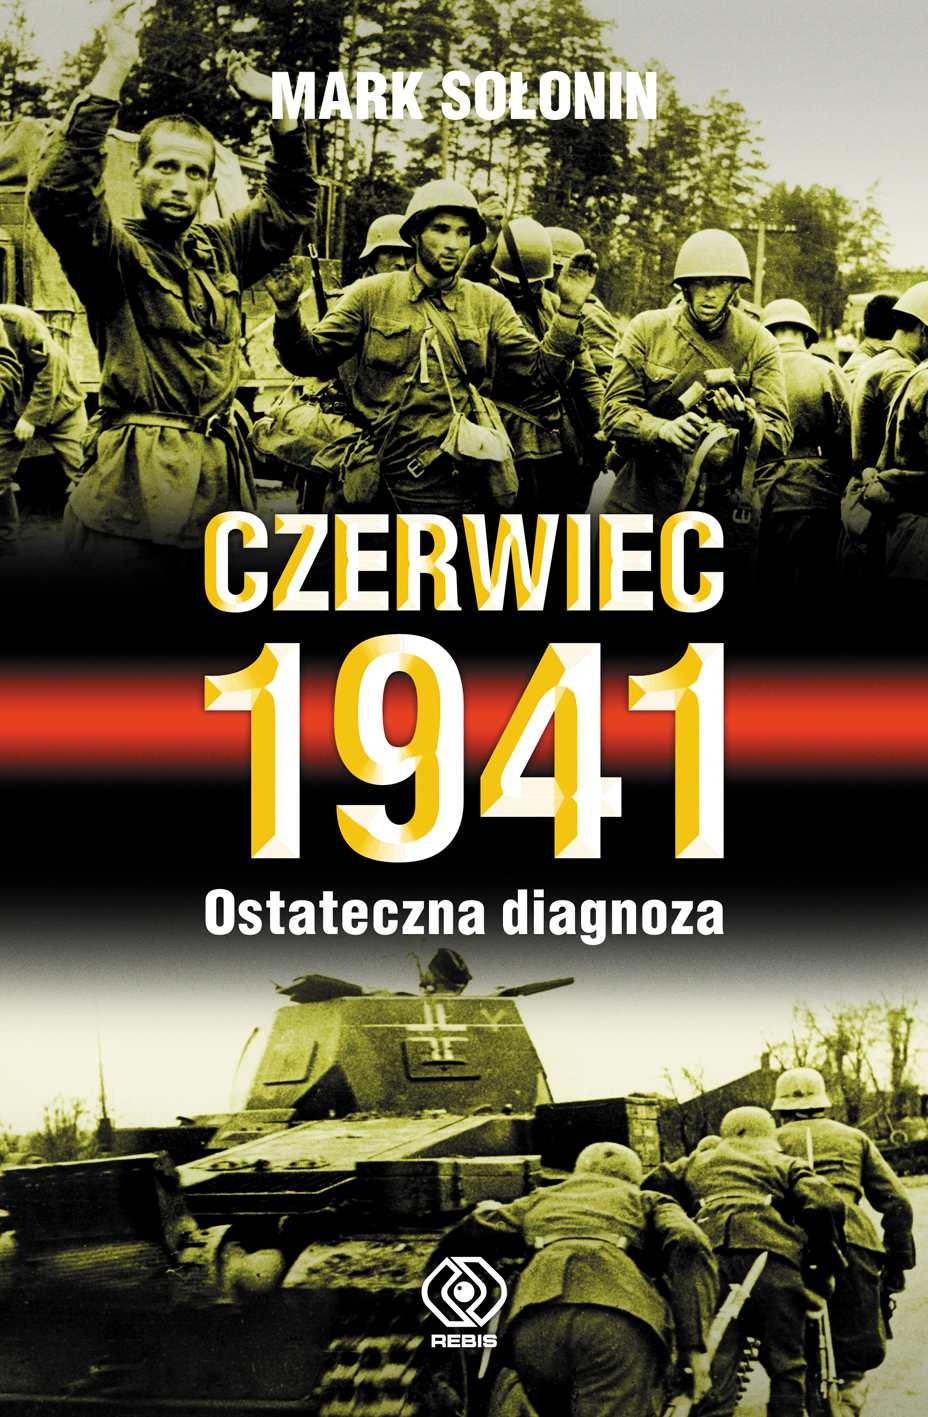 Czerwiec 1941. Ostateczna diagnoza - Ebook (Książka na Kindle) do pobrania w formacie MOBI